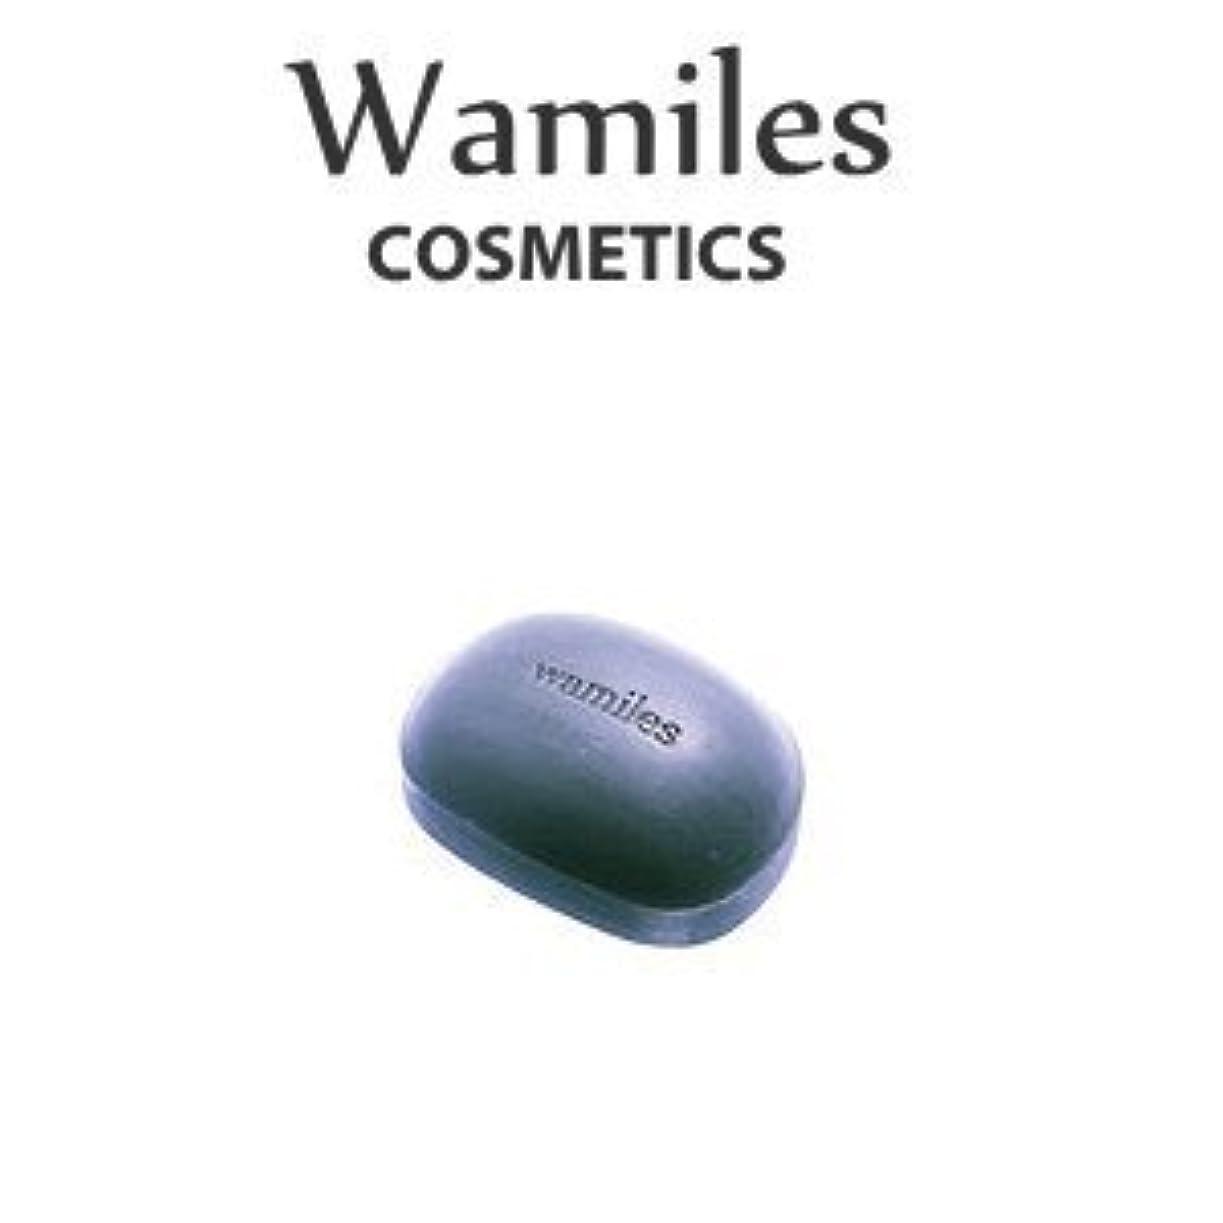 社交的フラップ闘争wamiles/ワミレス ベーシックライン イオンヌ クレイソープ 100g